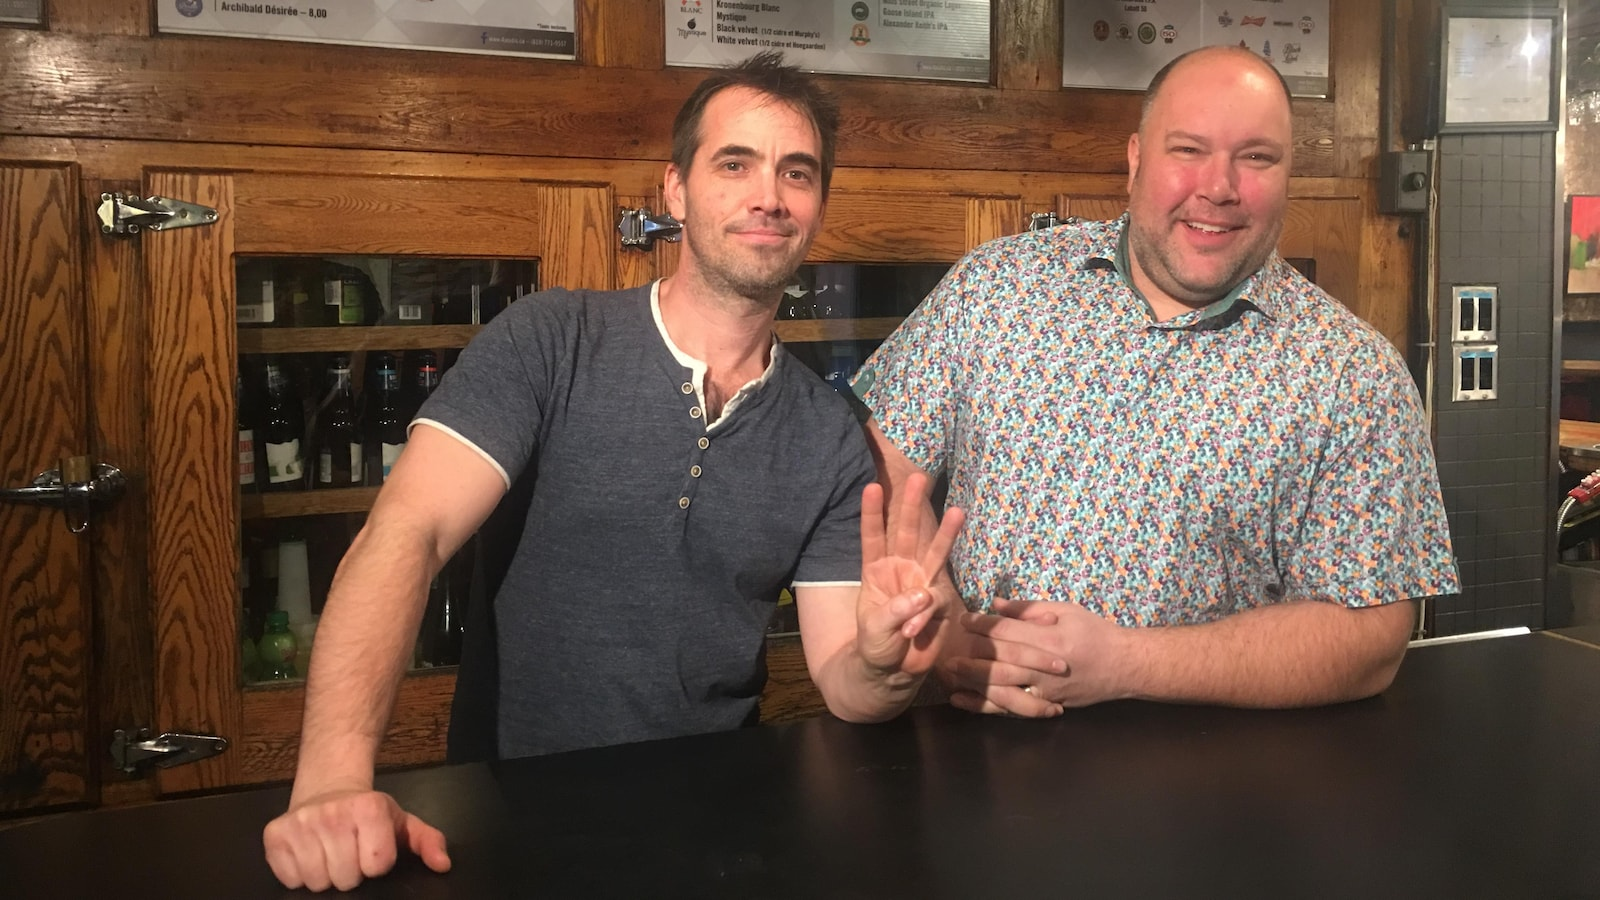 Derrière un bar, Éric Gaudreault lève trois doigts de sa main gauche, pendant qu'Alexandre Leblanc sourit.